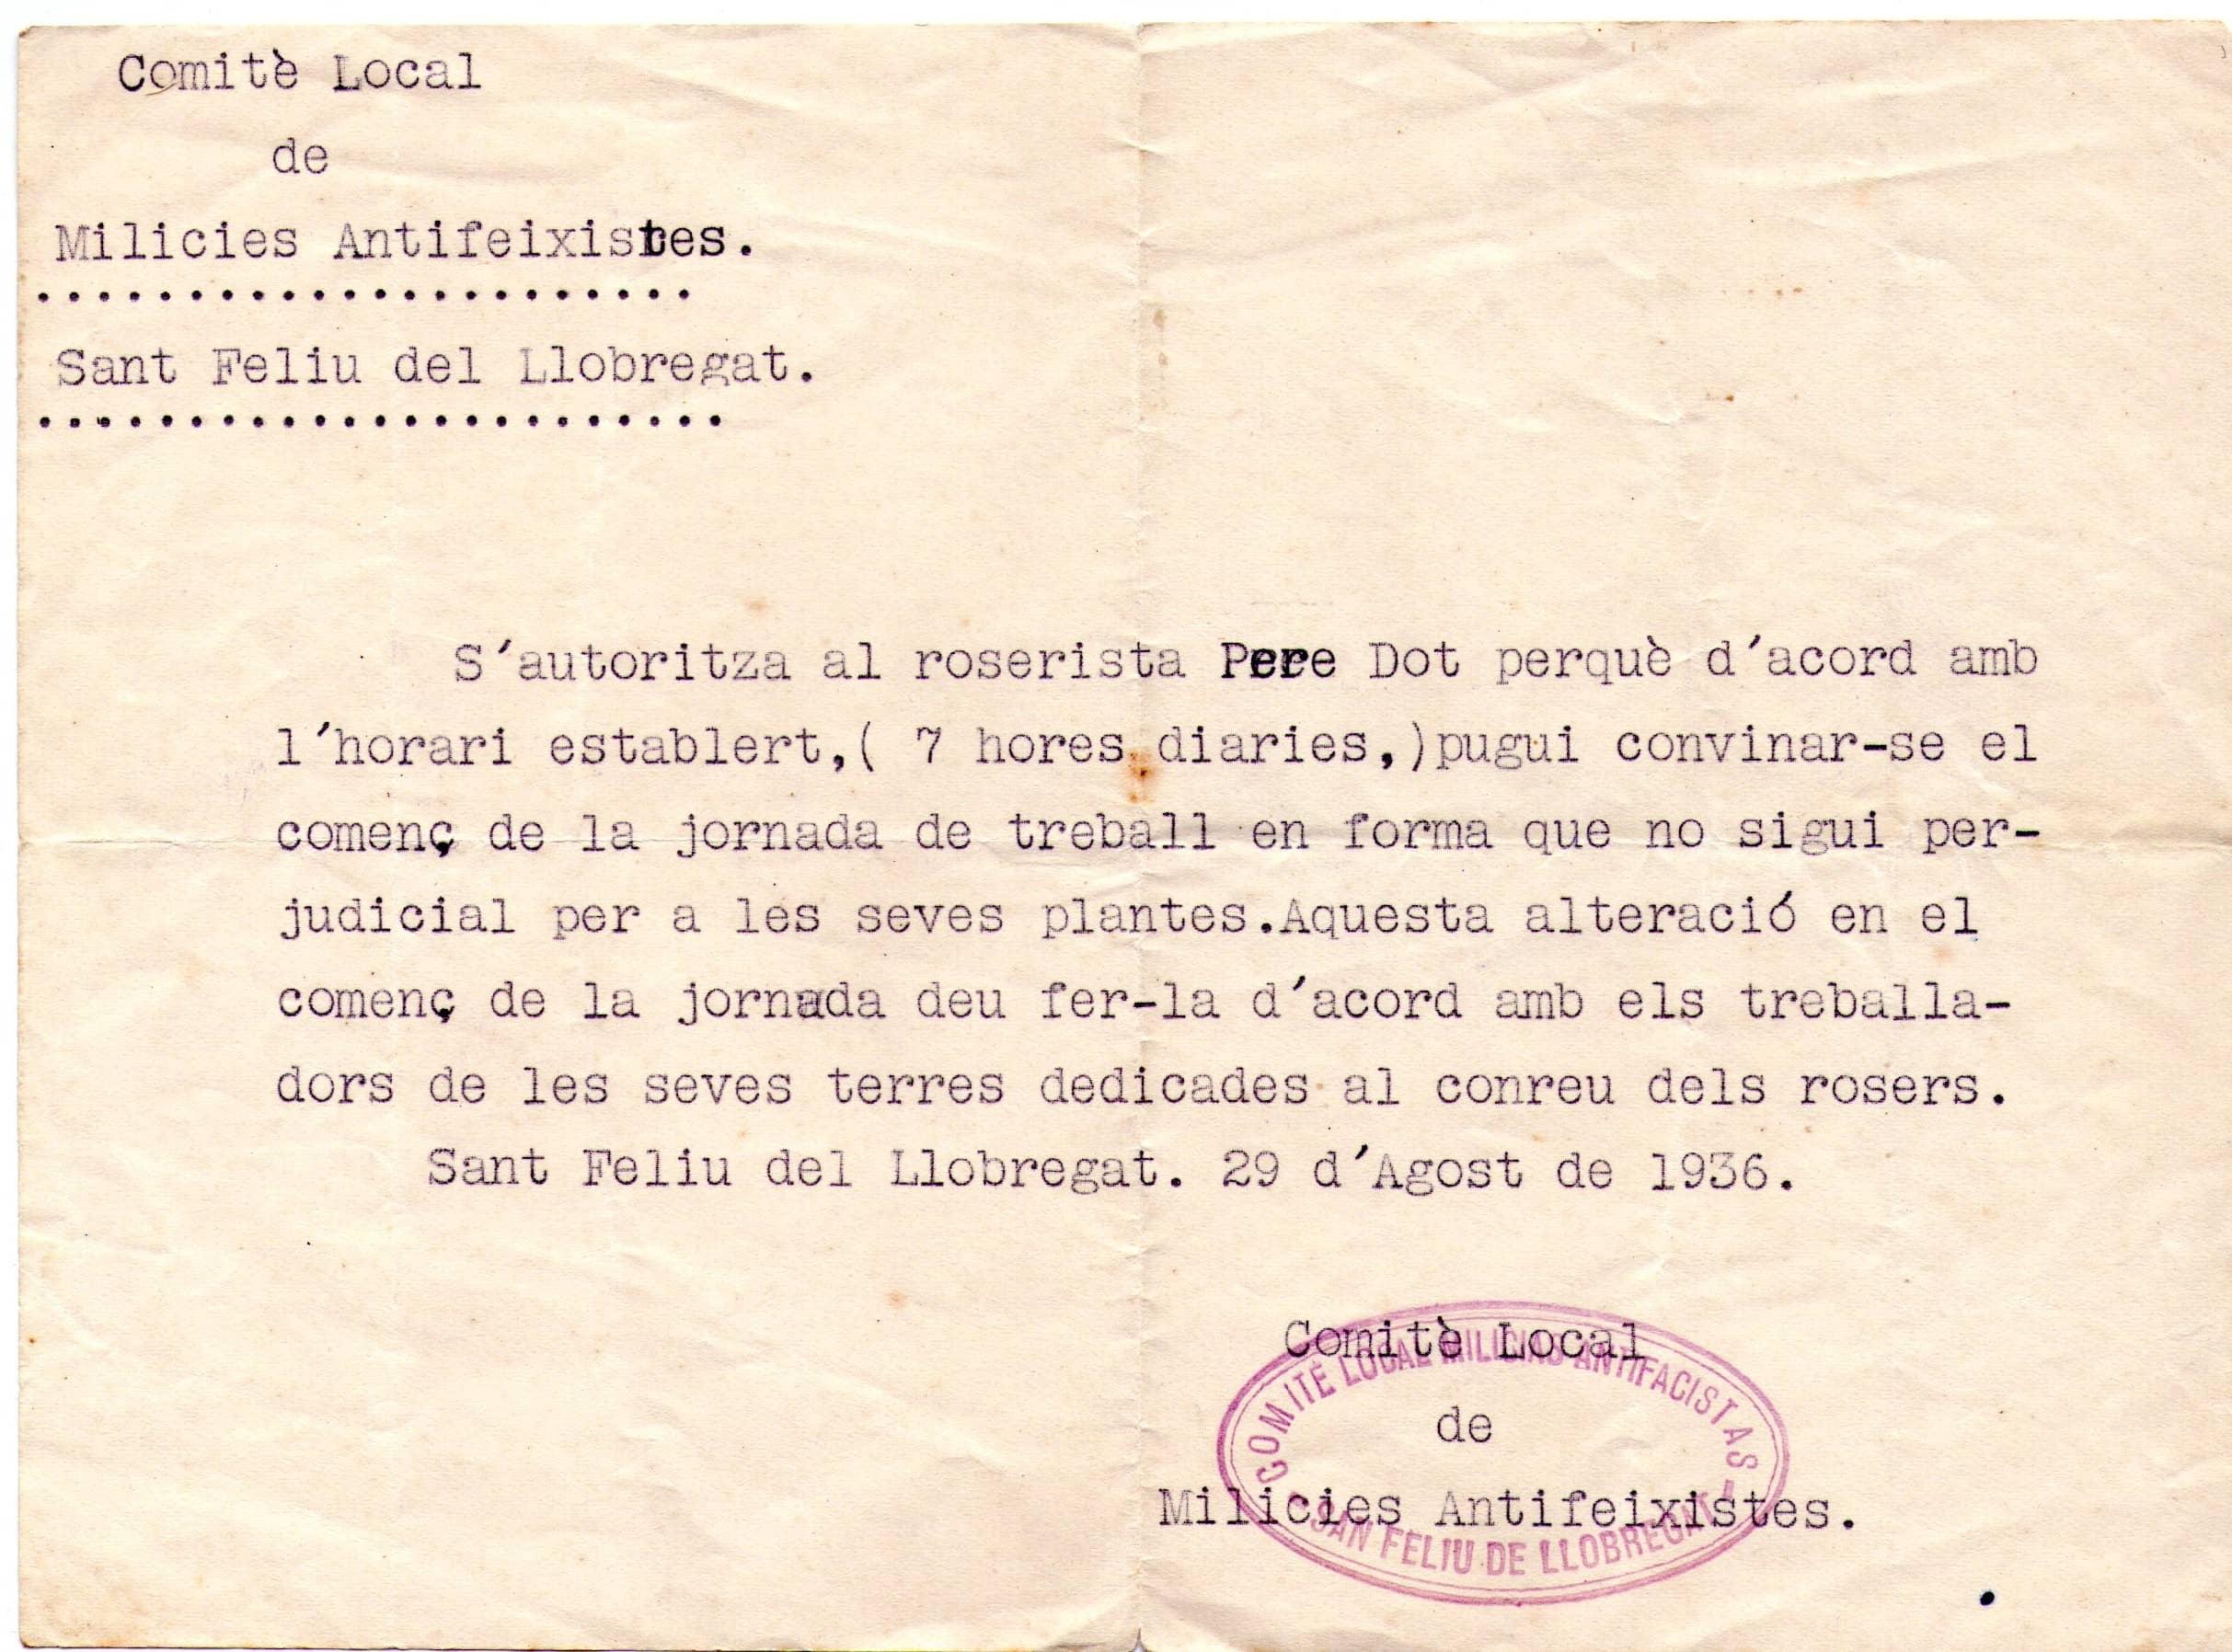 Autorització del Comité de Milícies Antifeixistes